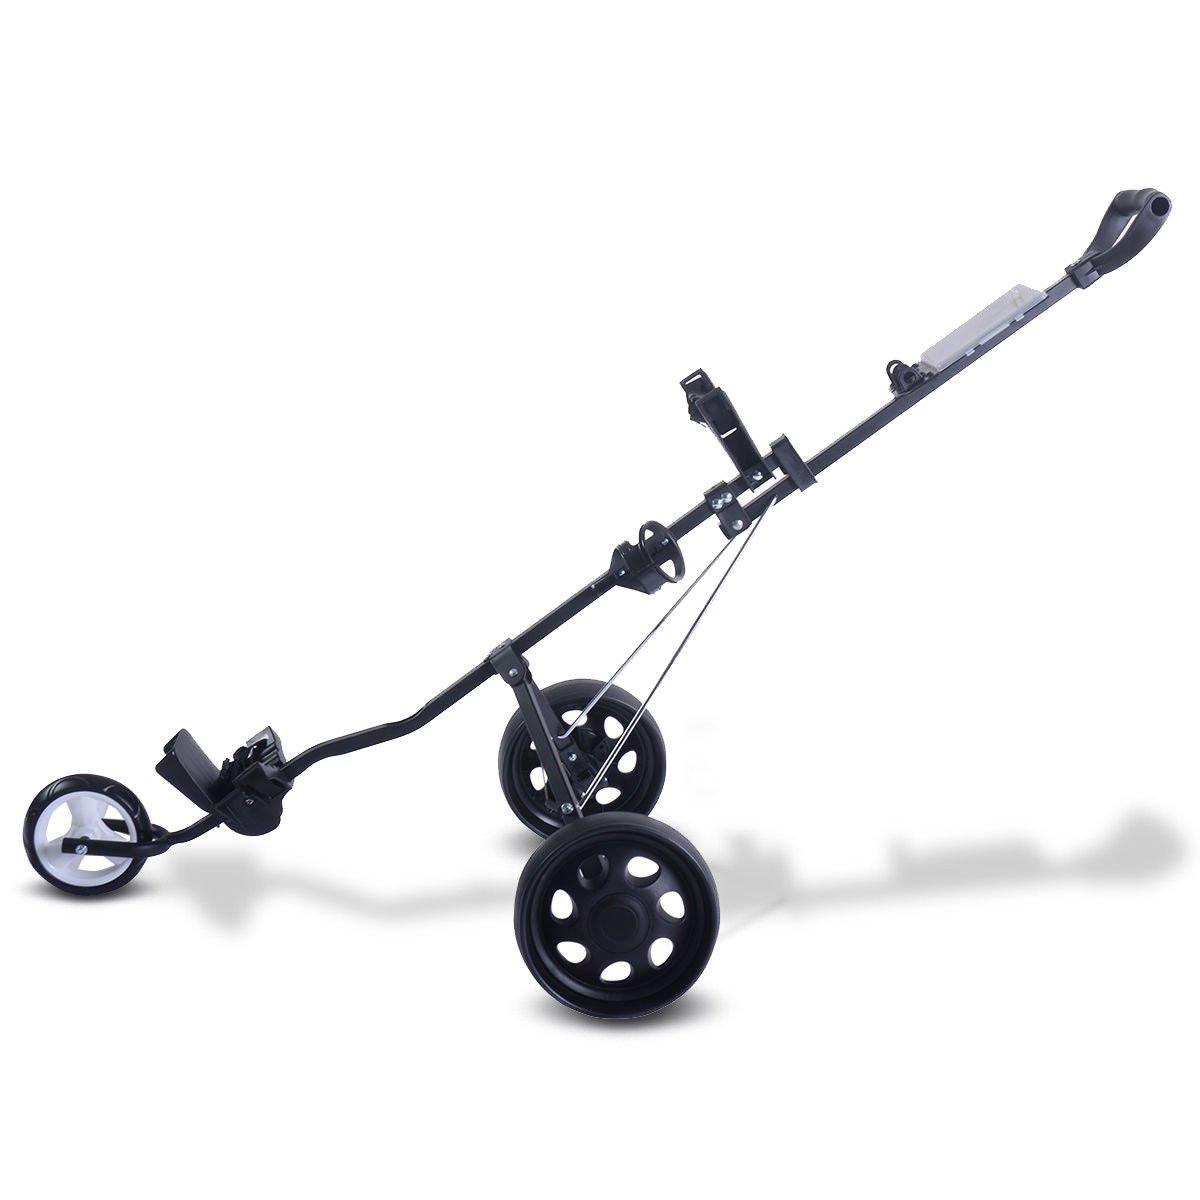 KCHEX>>>折りたたみプルプッシュゴルフカート 3輪トロリースイベル カップホルダースコアカード付き>これは当社の折り畳み式3輪ゴルフトロリーで、ゴルフエクササイズに最適です。 The Golf cart Will Hold Two   B07KVPDZJ1